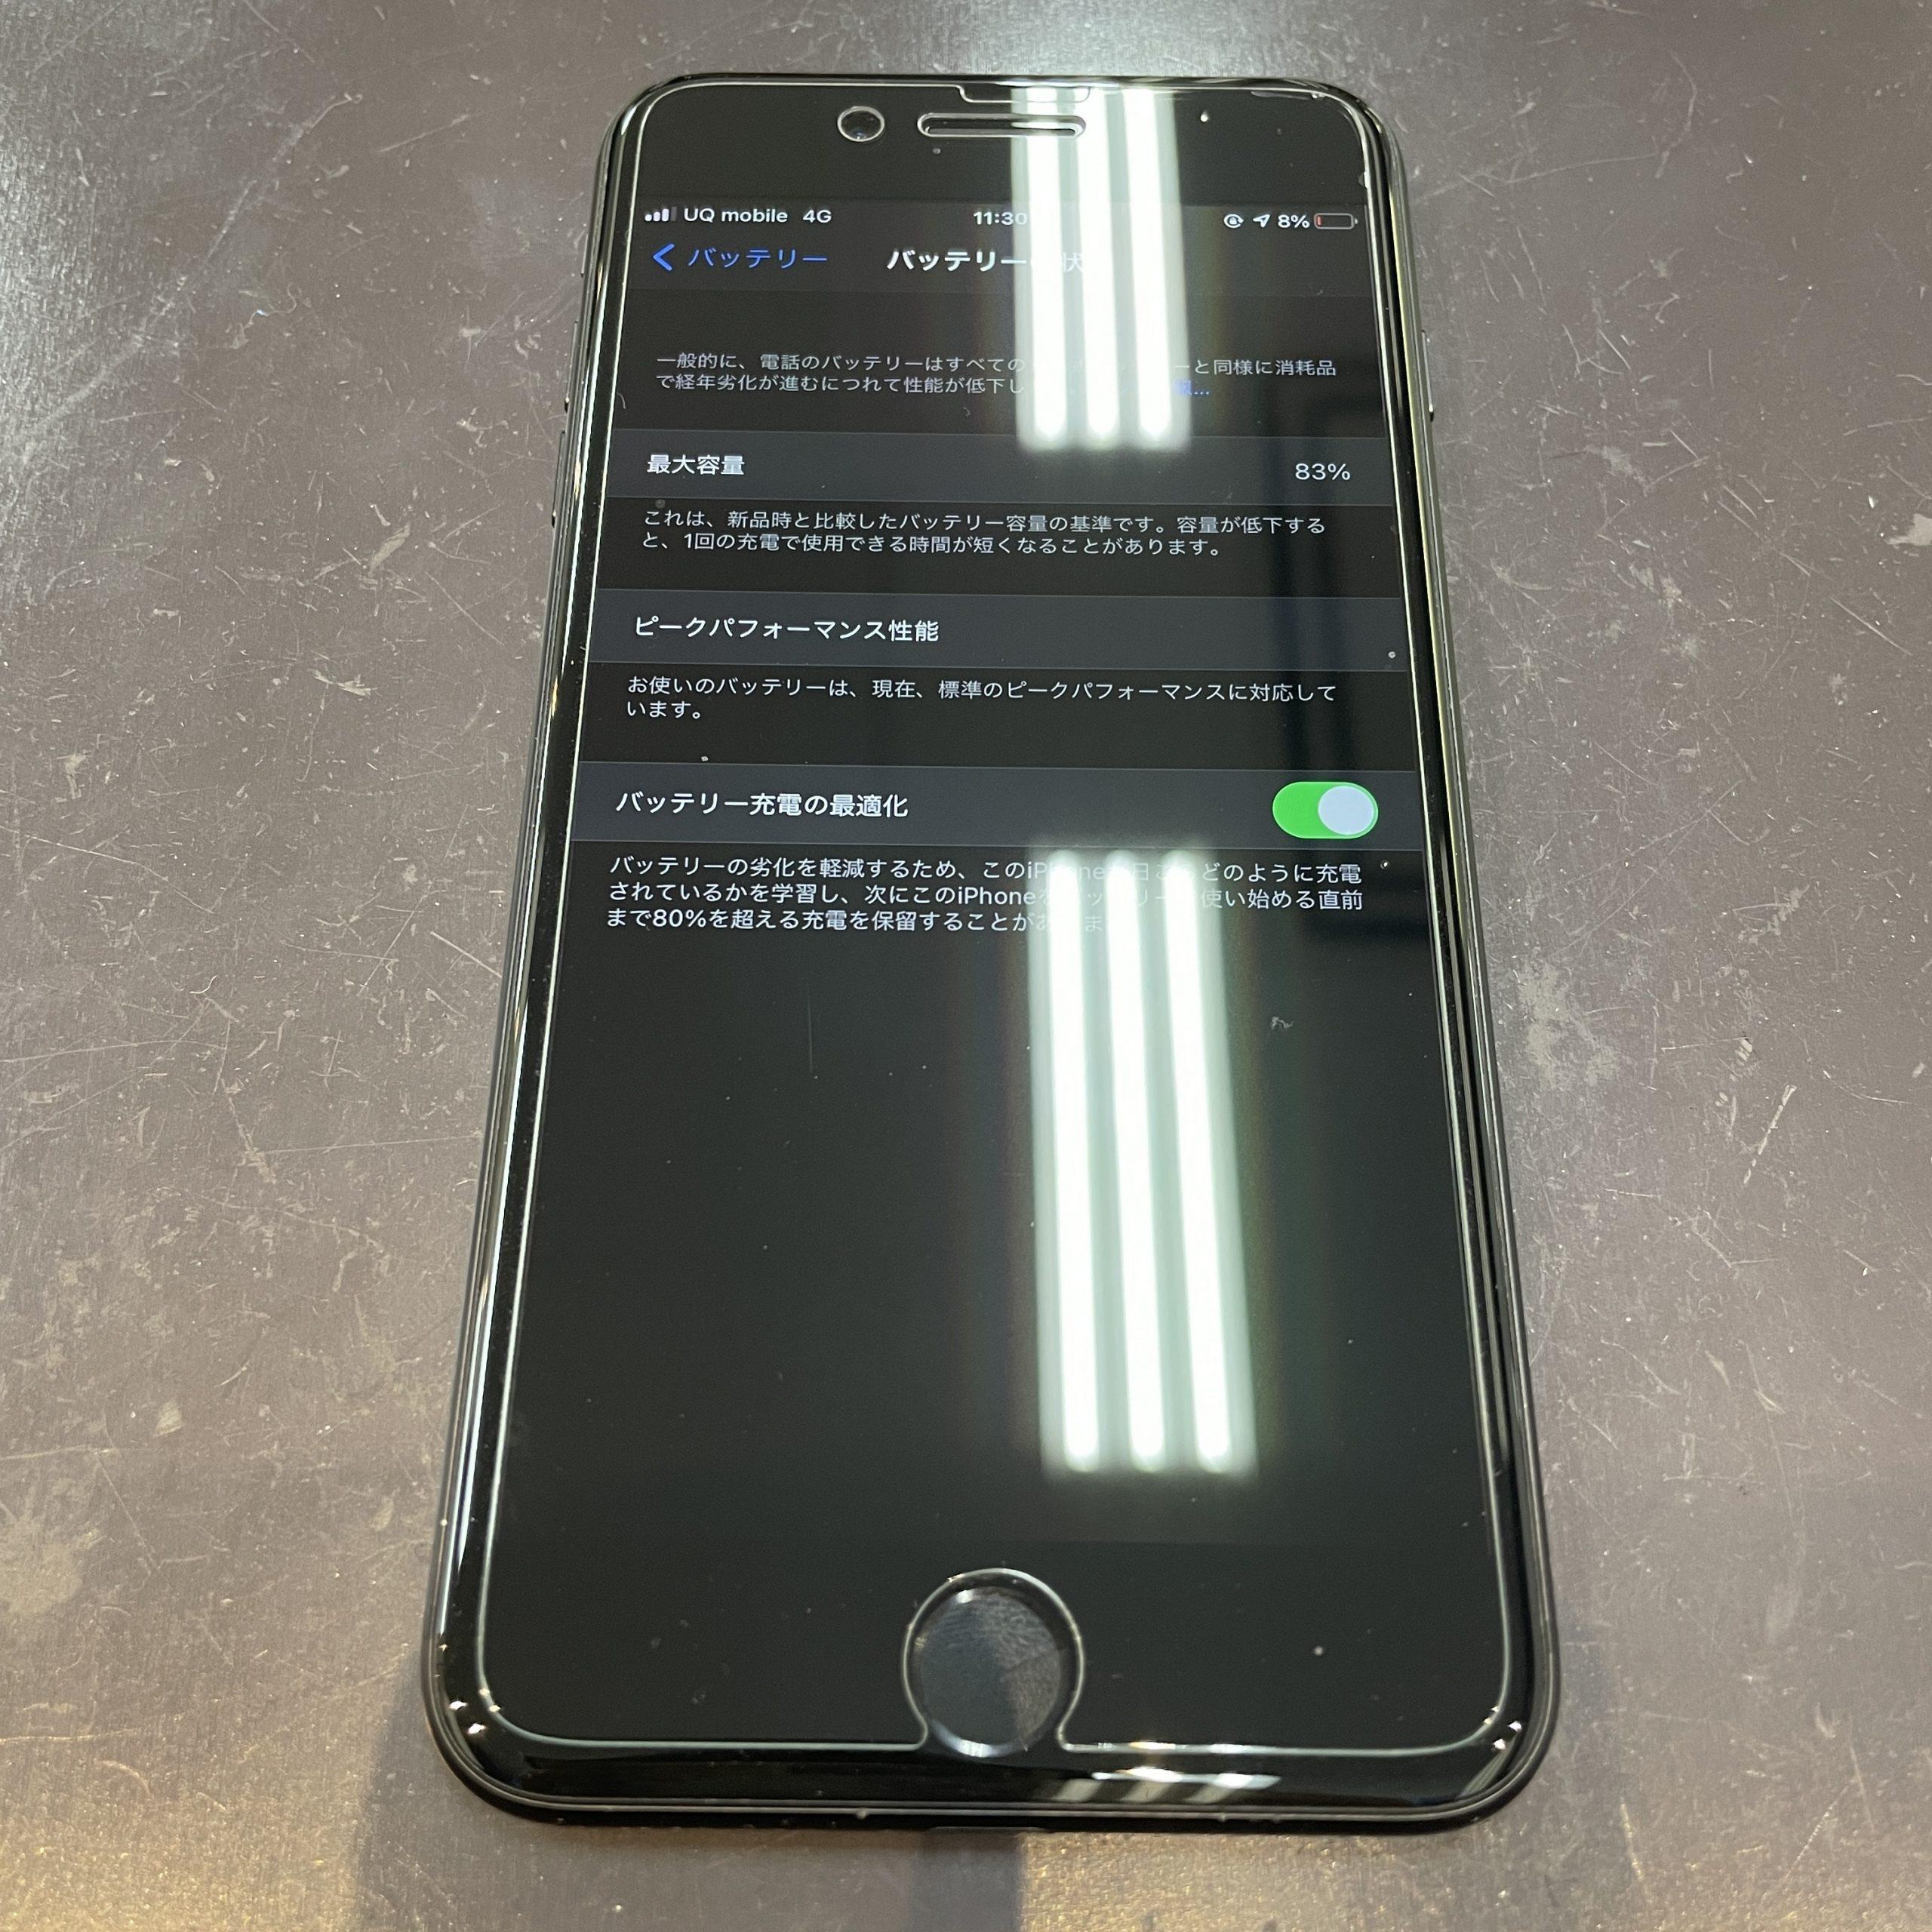 充電の減りが早くて困る😖💦【 iPhone 7 Plus 杵島郡よりご来店 】